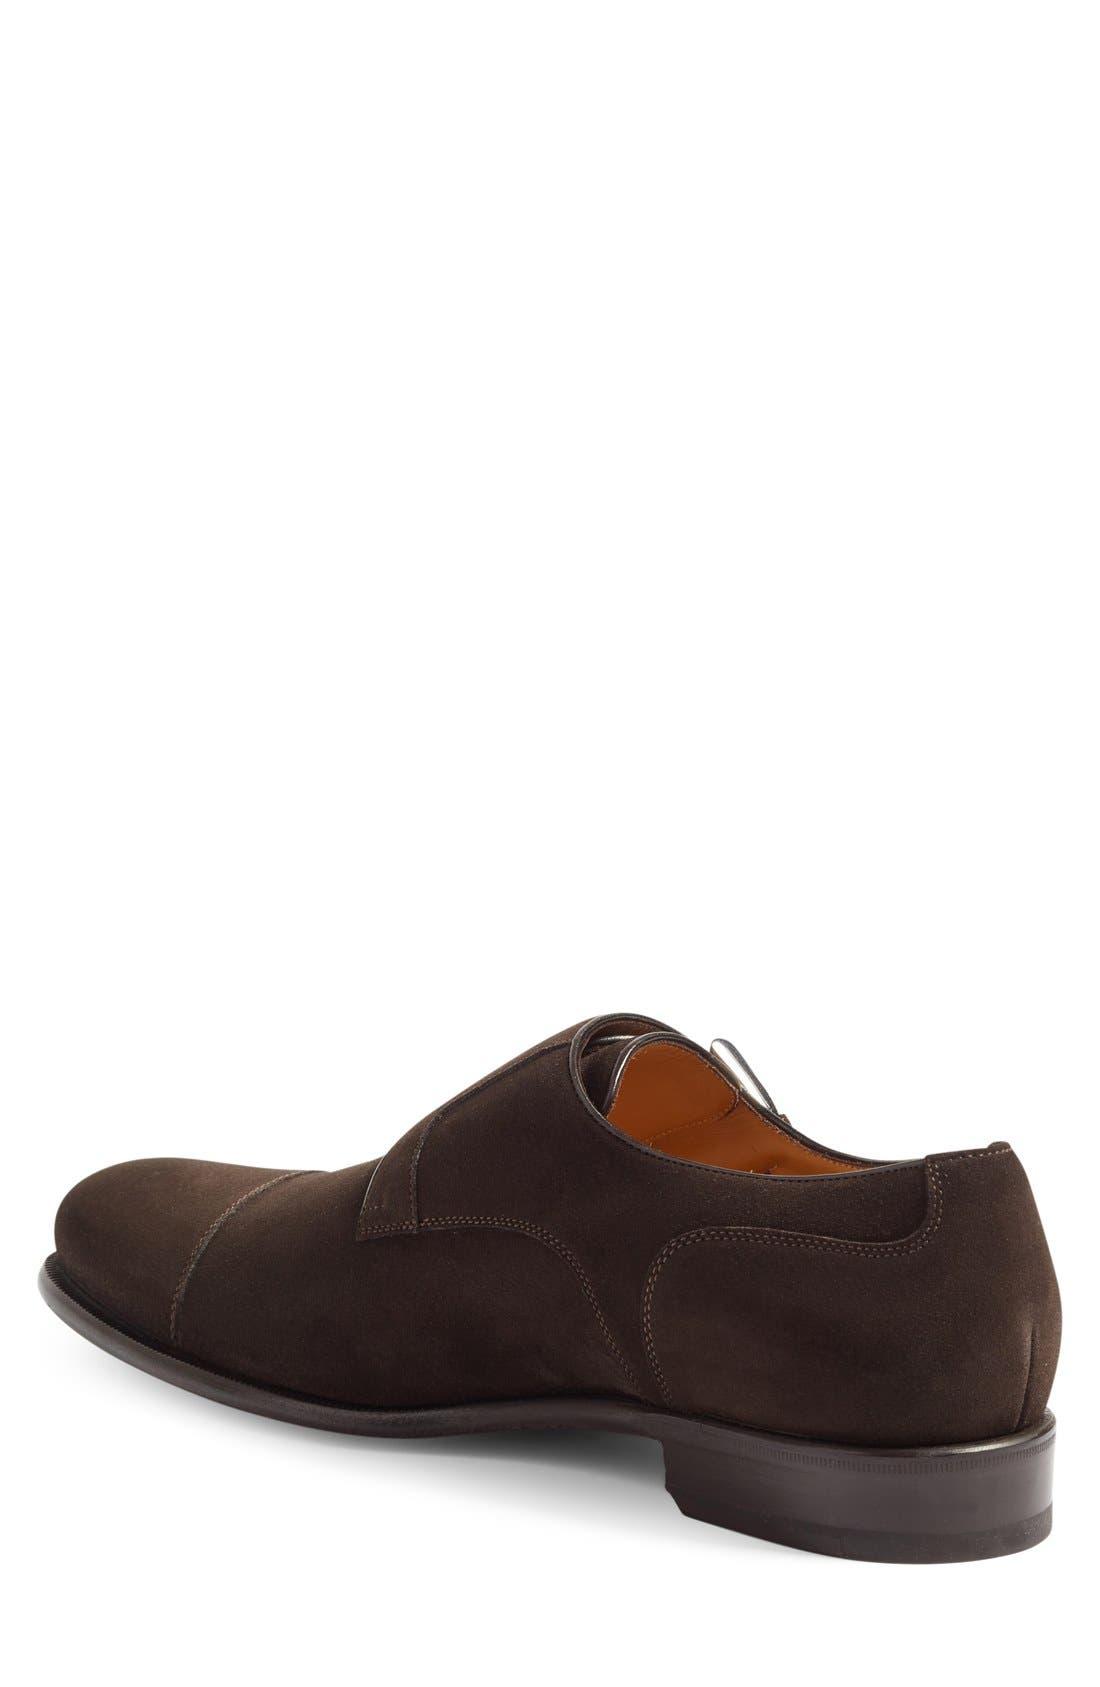 Alternate Image 3  - A. Testoni Double Monk Strap Shoe (Men)